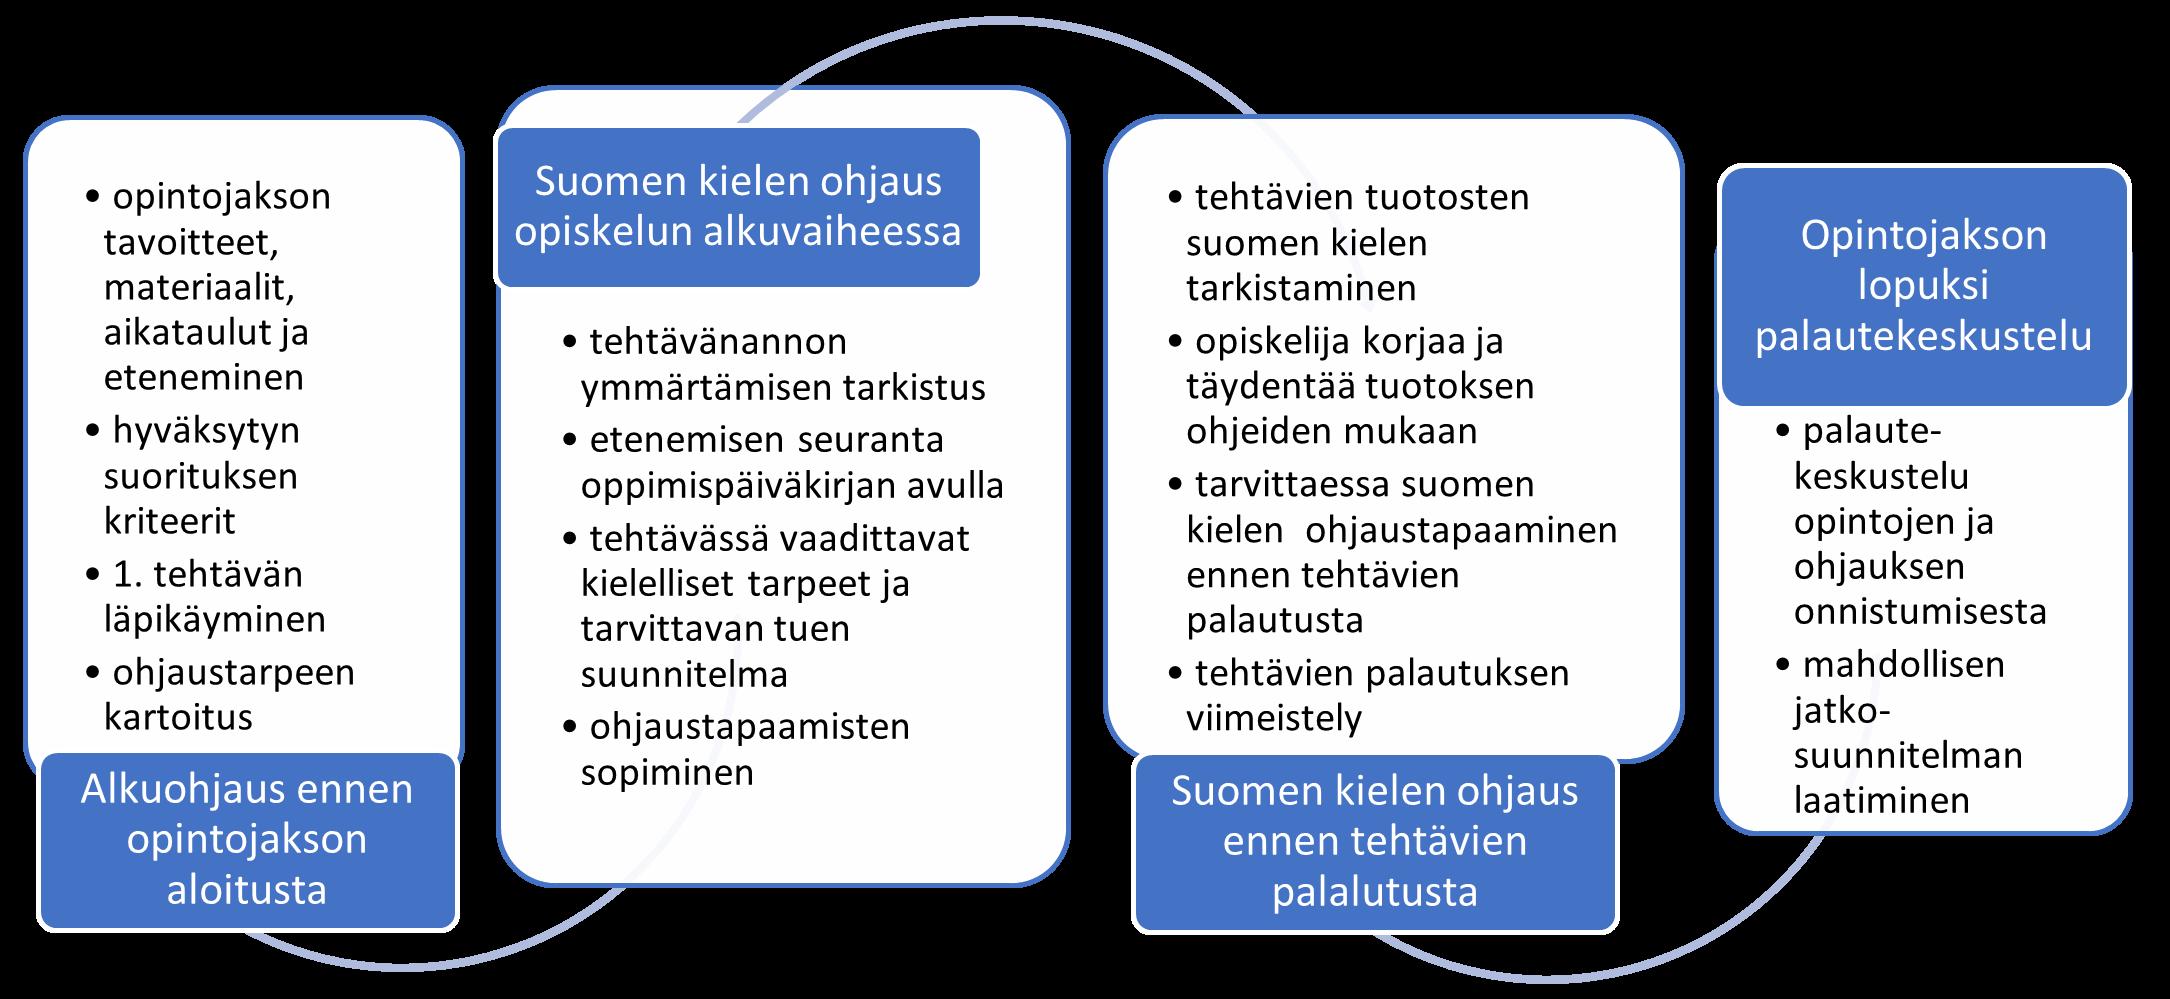 Kuvio 2, jossa on esitetty SIMHE-polun ammattialan opintoihin integroidun suomen kielen ohjauksen malli.